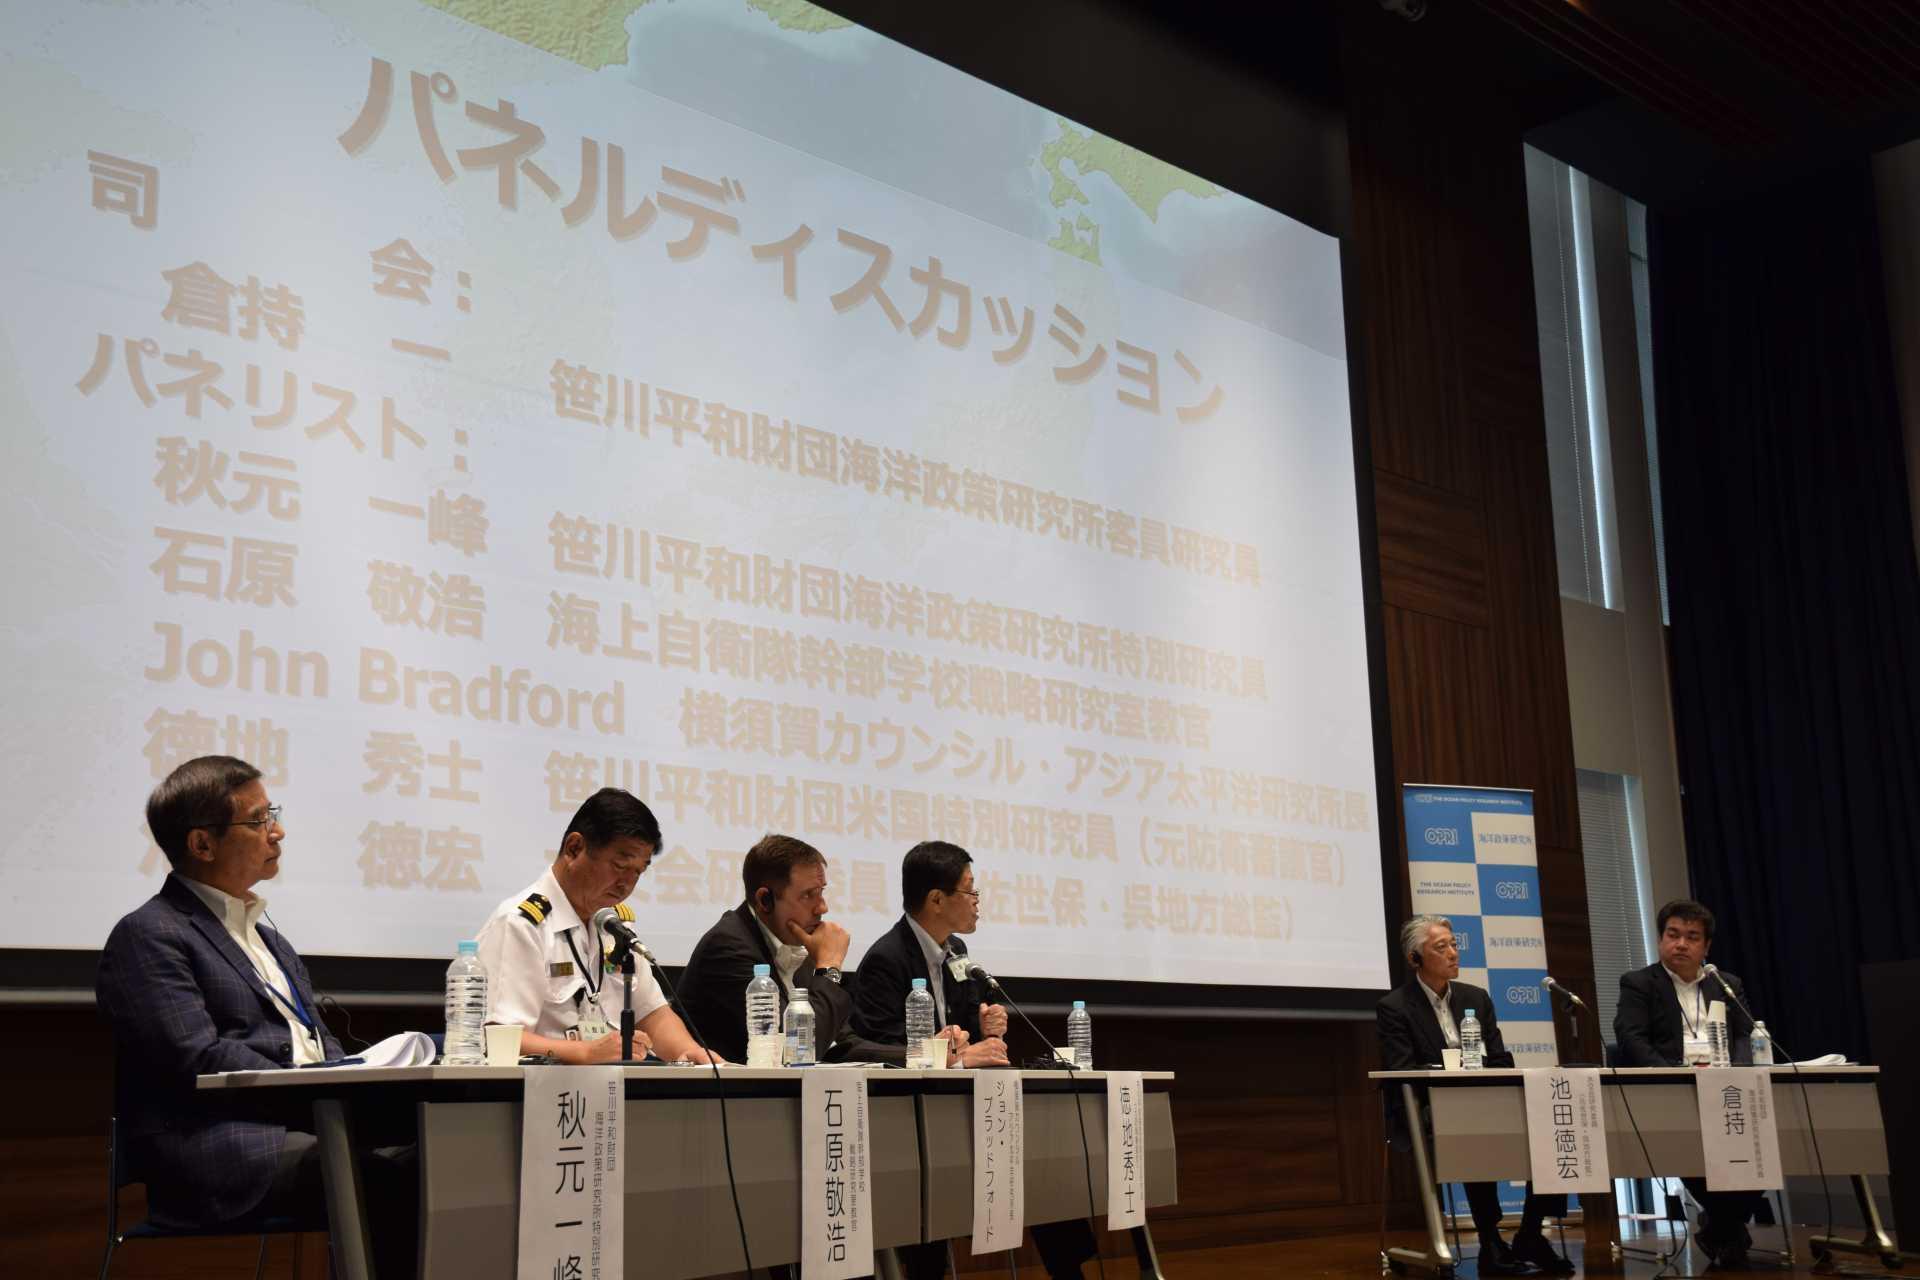 日本の海洋安保と海上防衛戦略を議論 第5回海洋安全保障シンポジウム